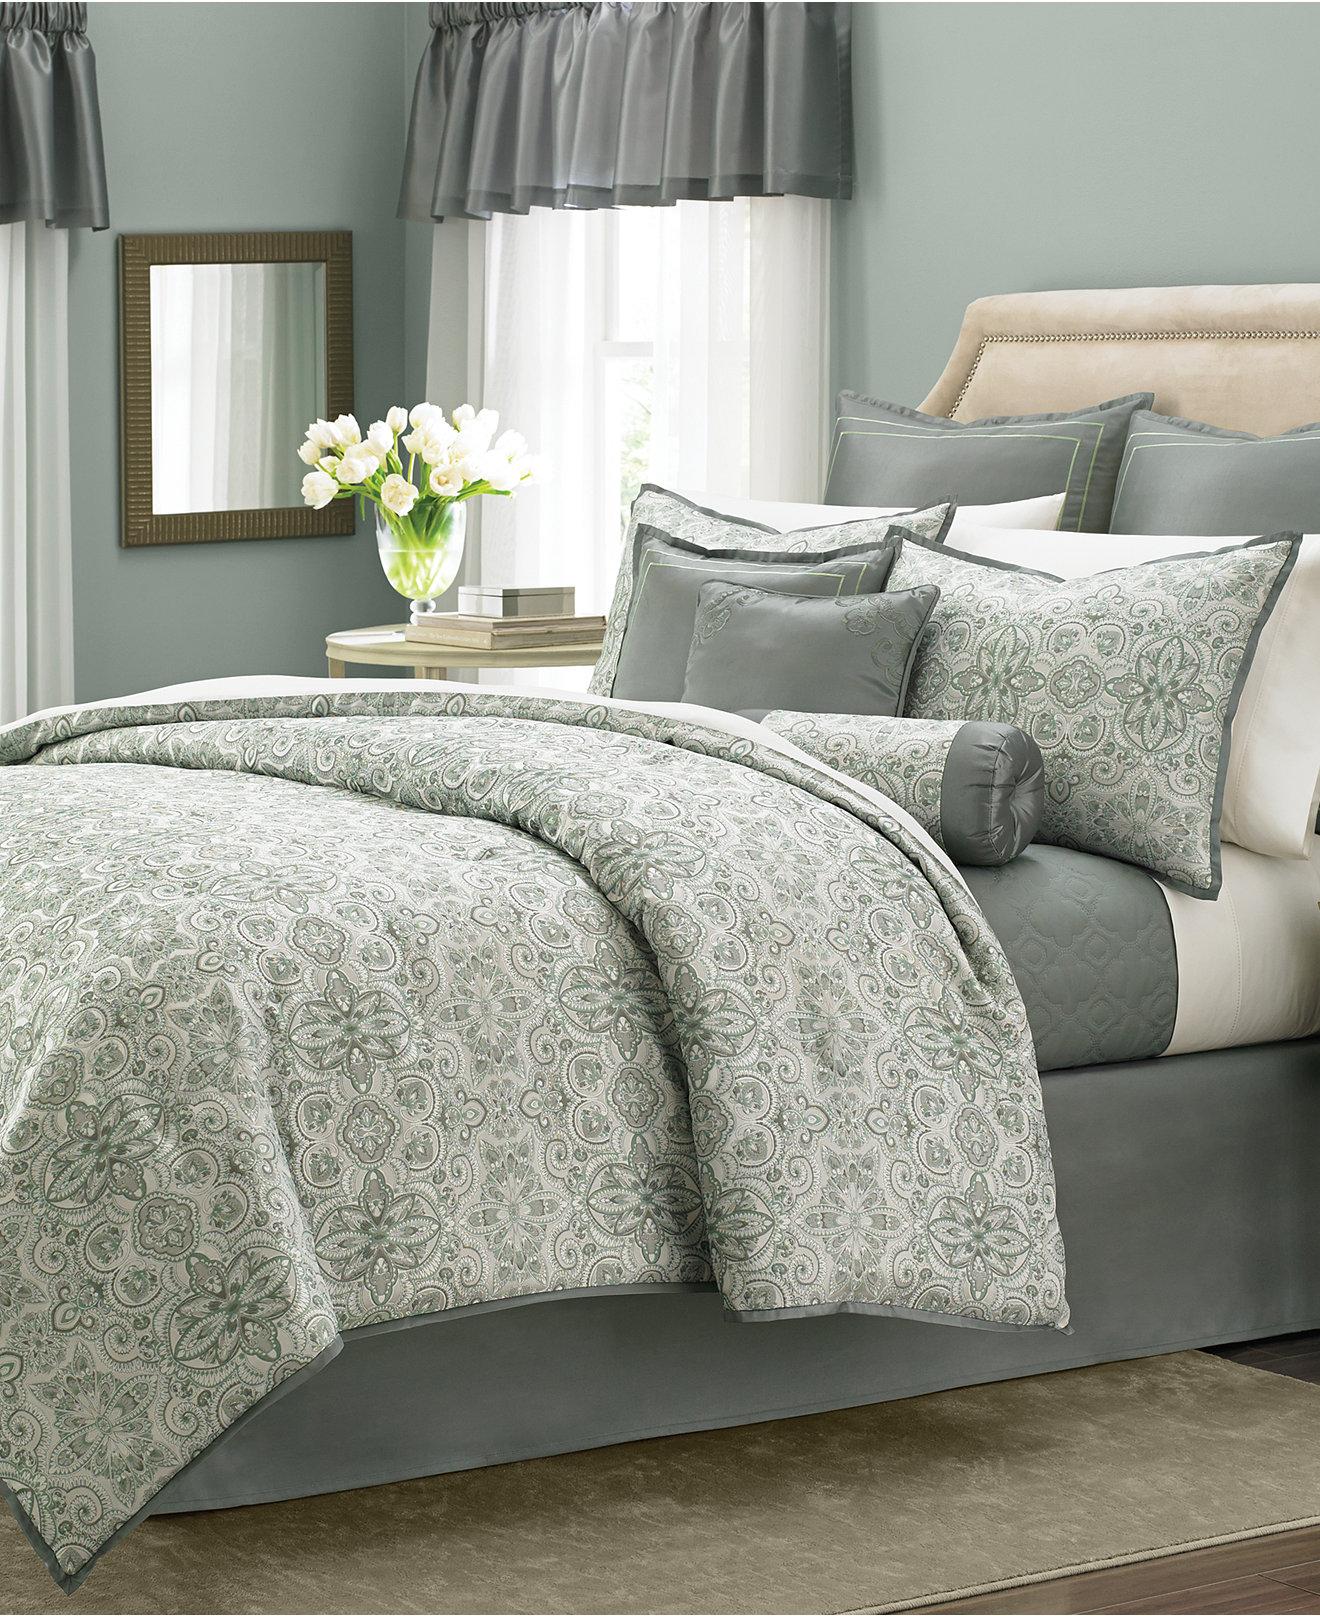 Dormitorios matrimonio modernos date un capricho hoy - Como colocar cojines en la cama ...